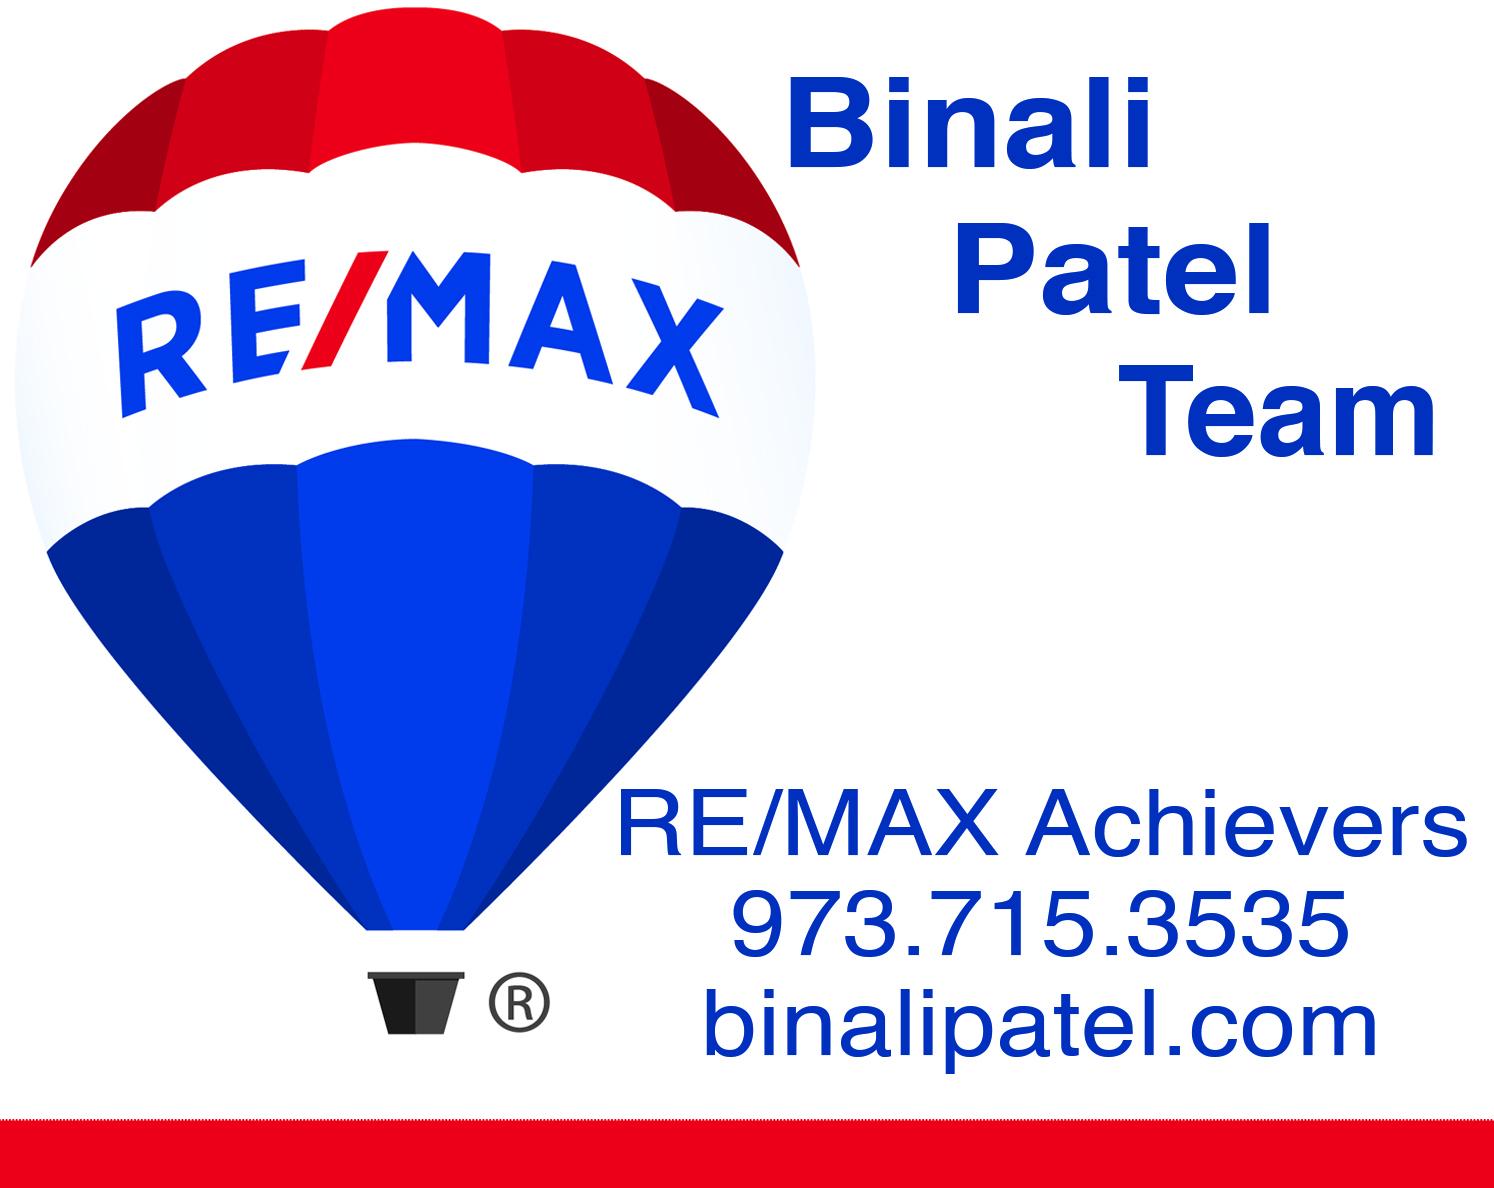 Binali Patel Logo